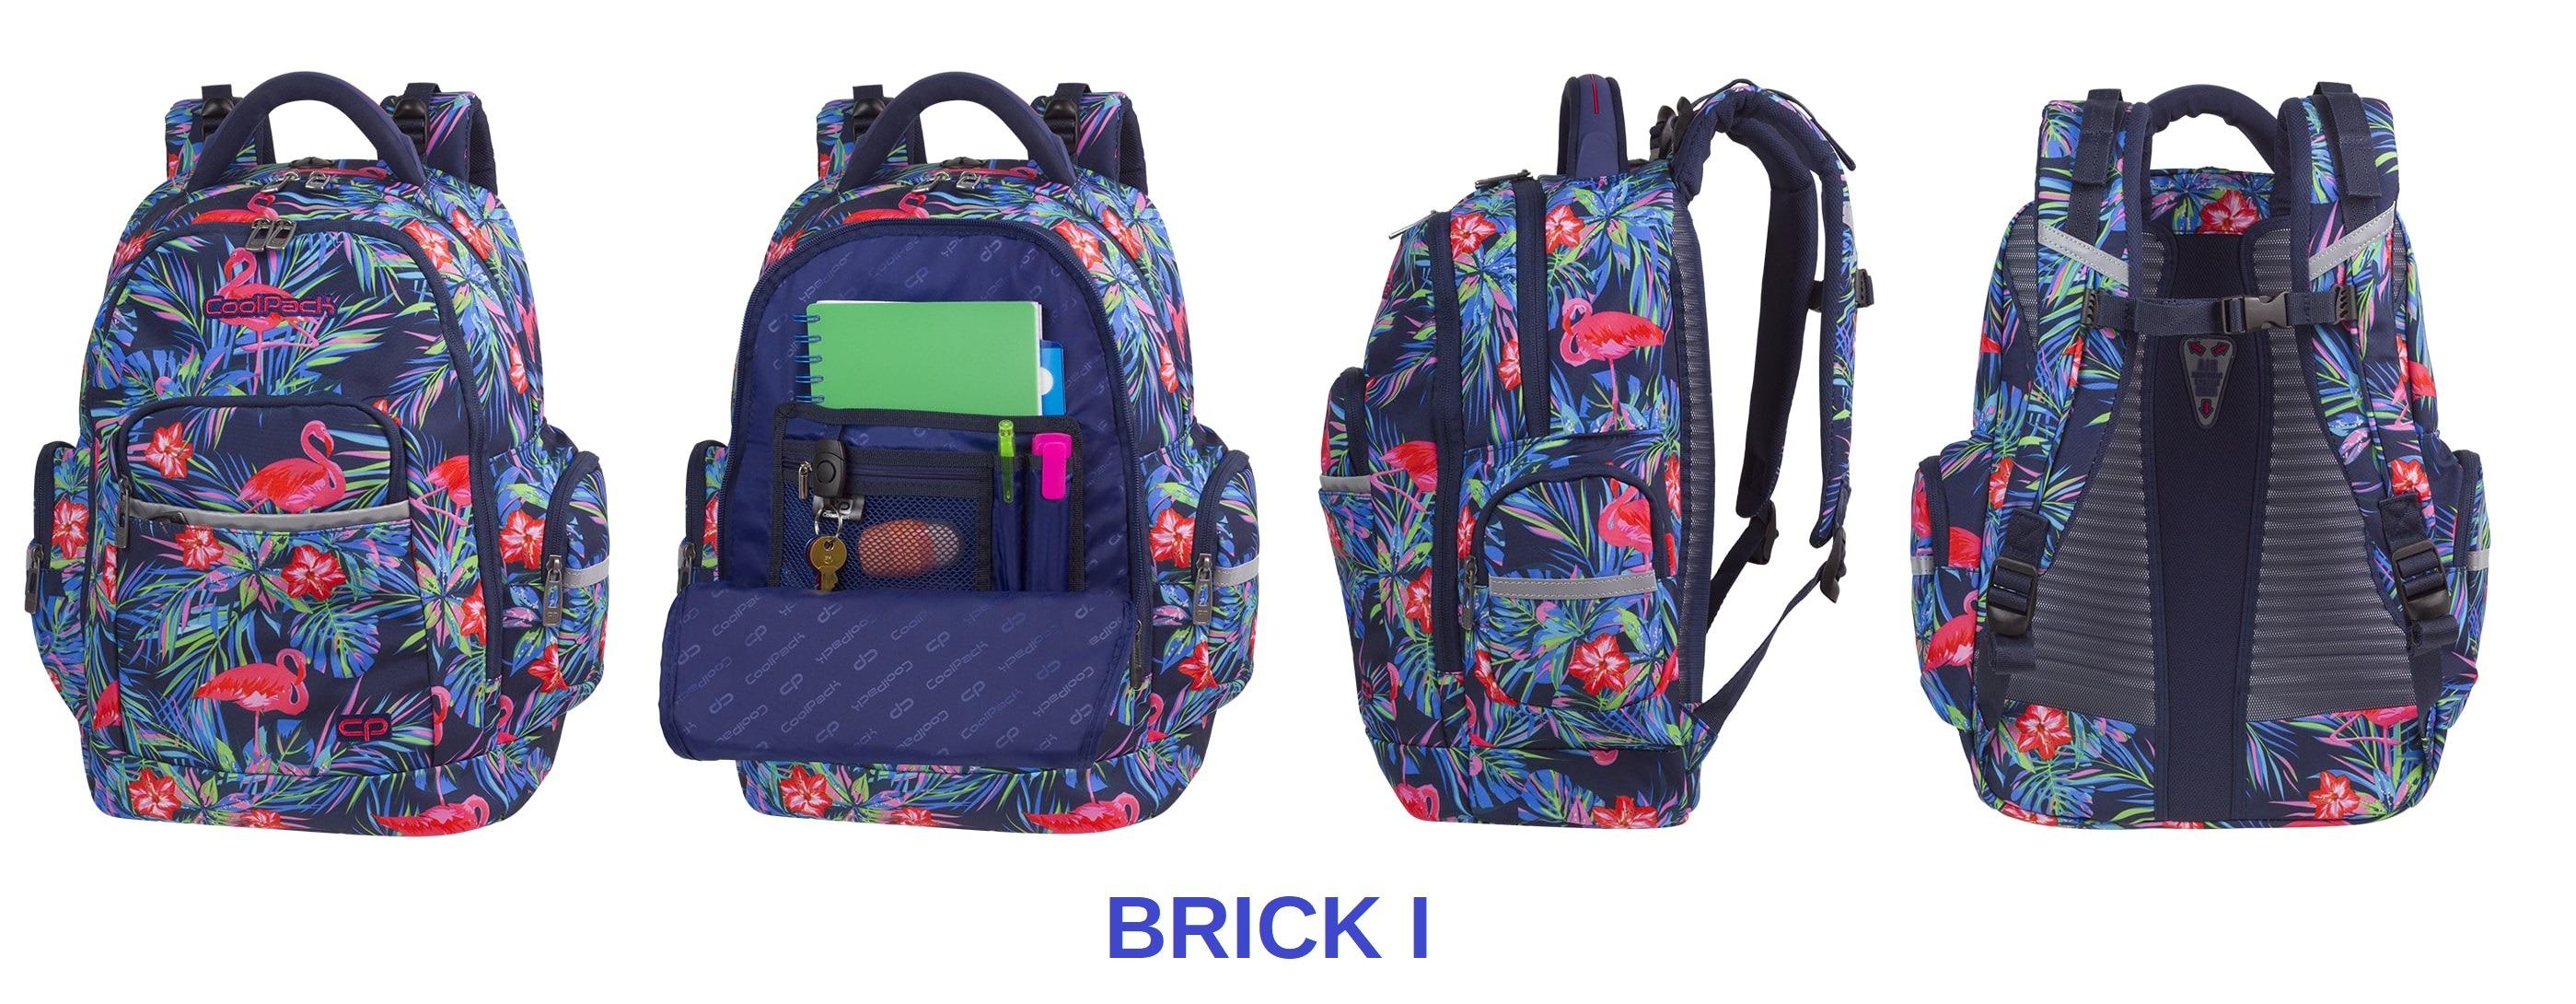 Plecak szkolny CoolPack Brick - ergonomiczna budowa przyjazna dla zdrowia